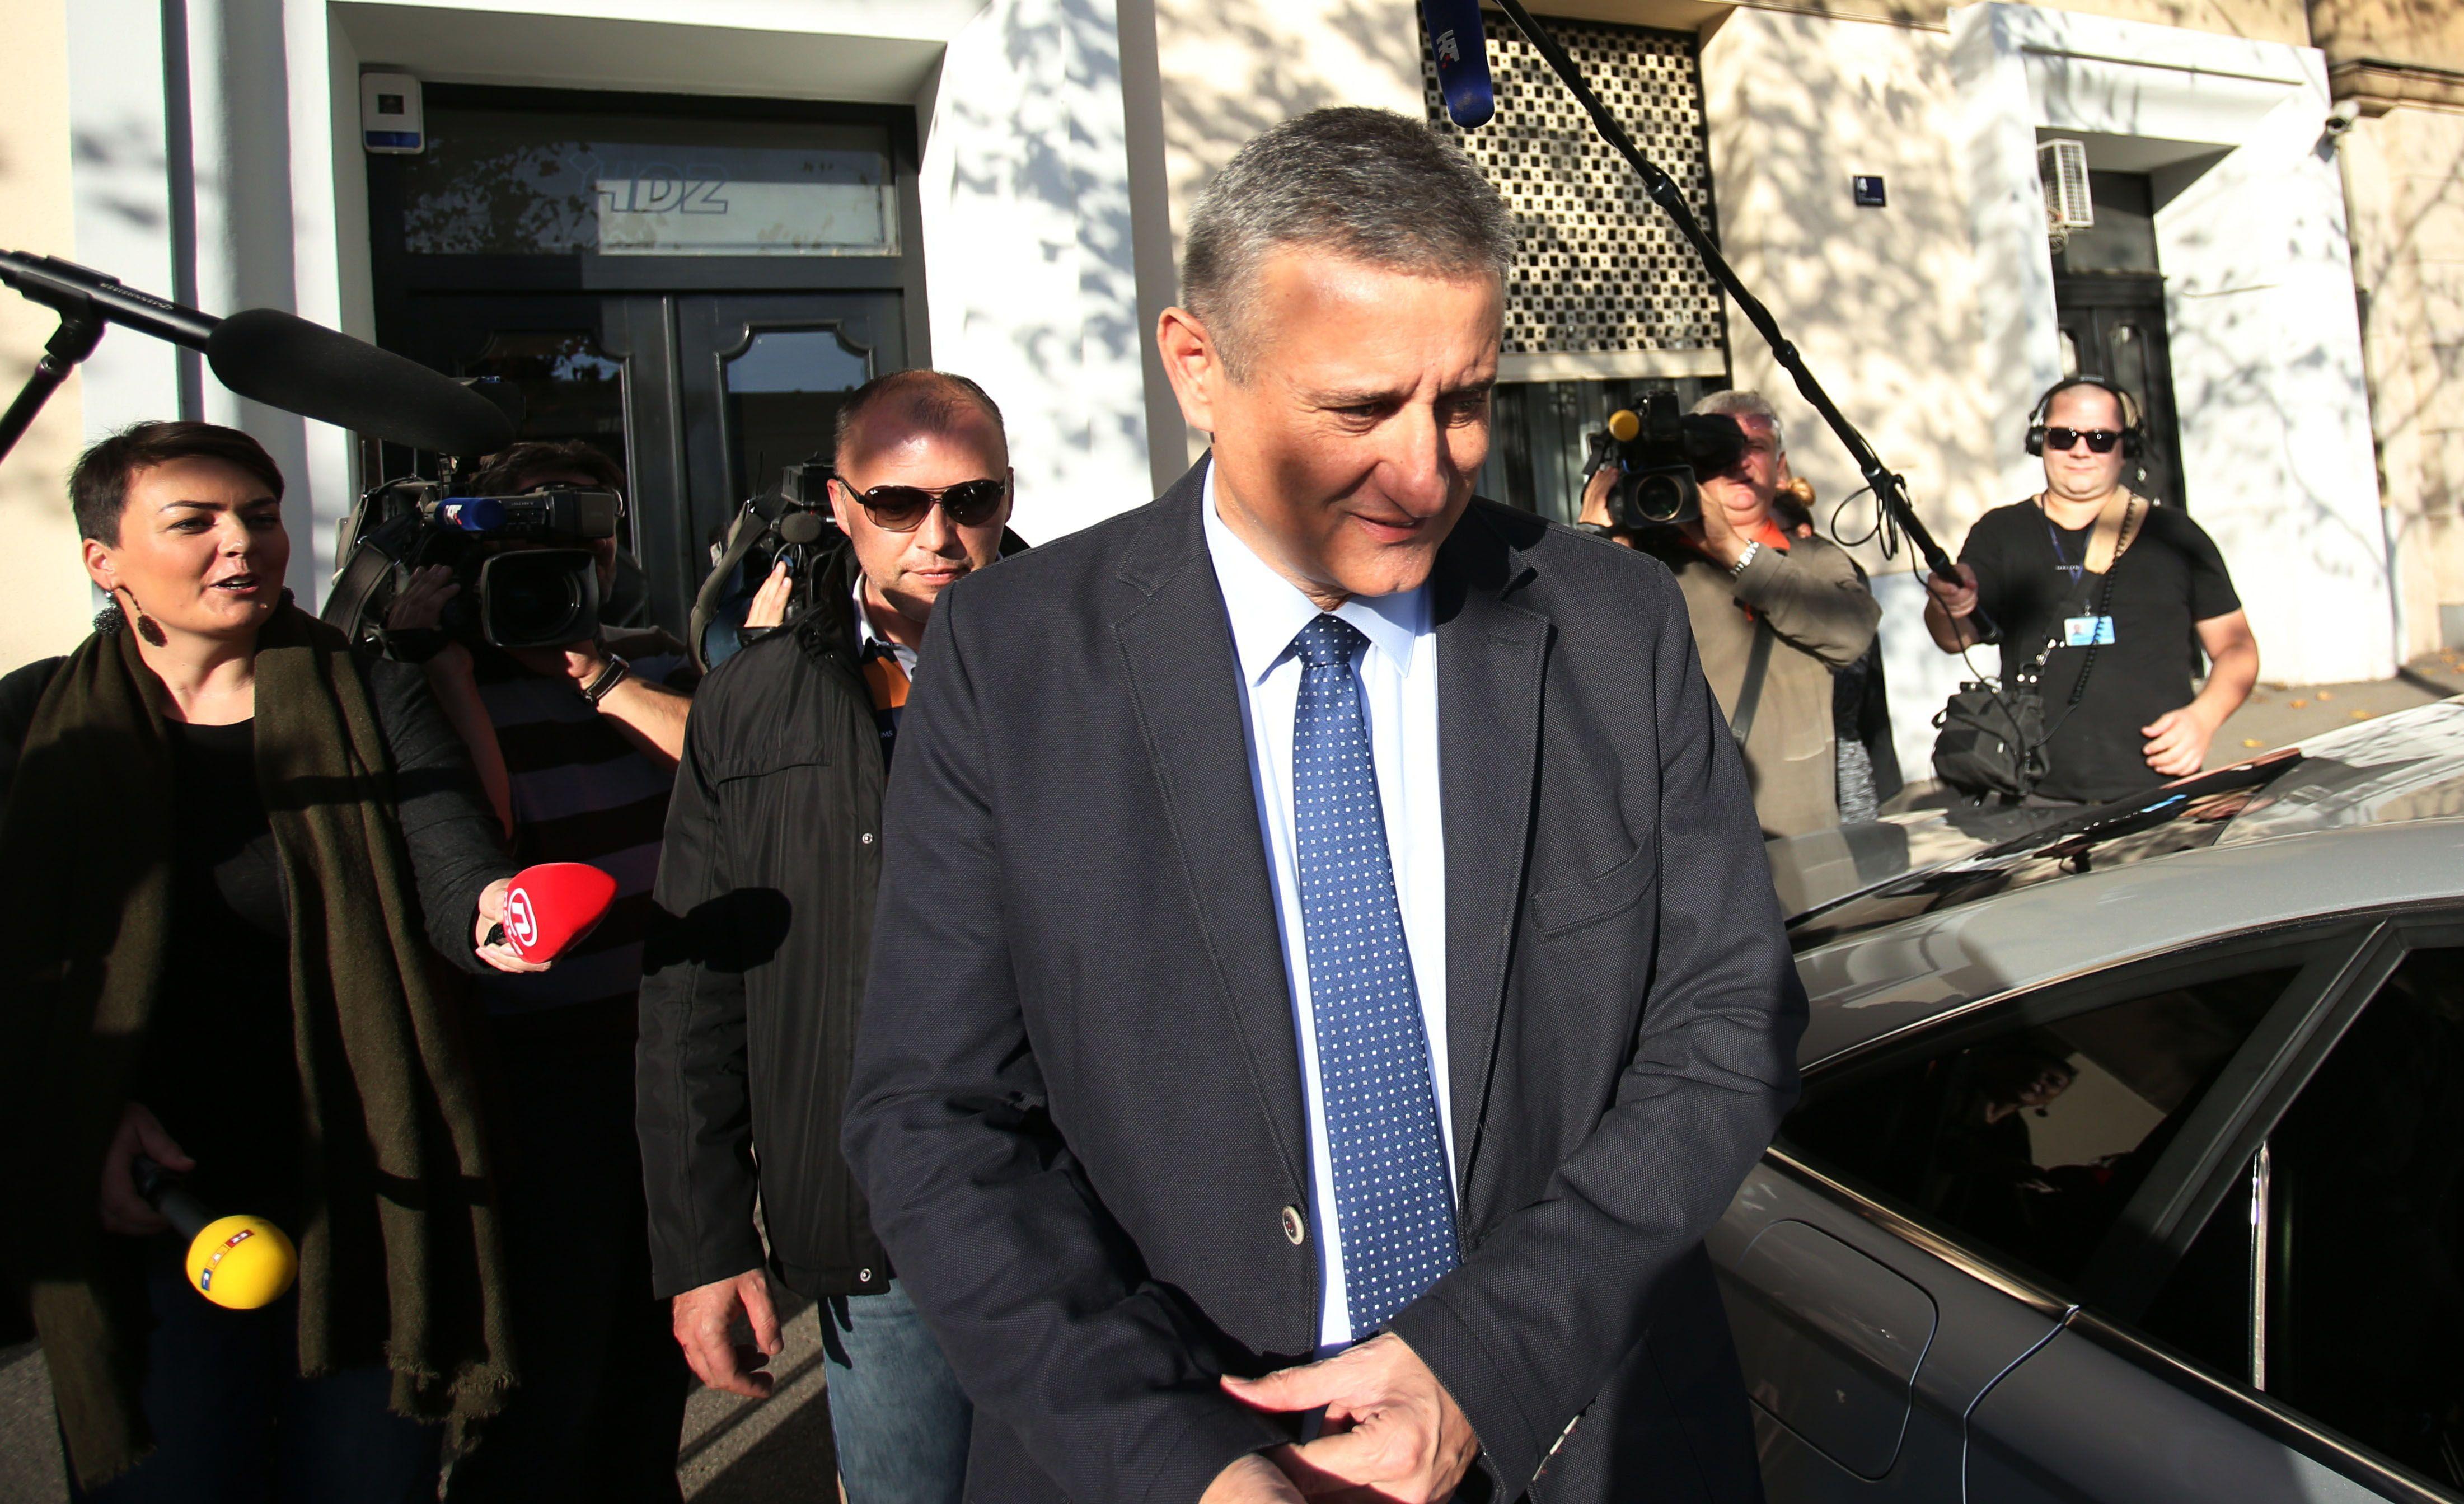 Ustavni sud usvojio Karamarkovu tužbu, slijedi novi postupak pred Upravnim sudom